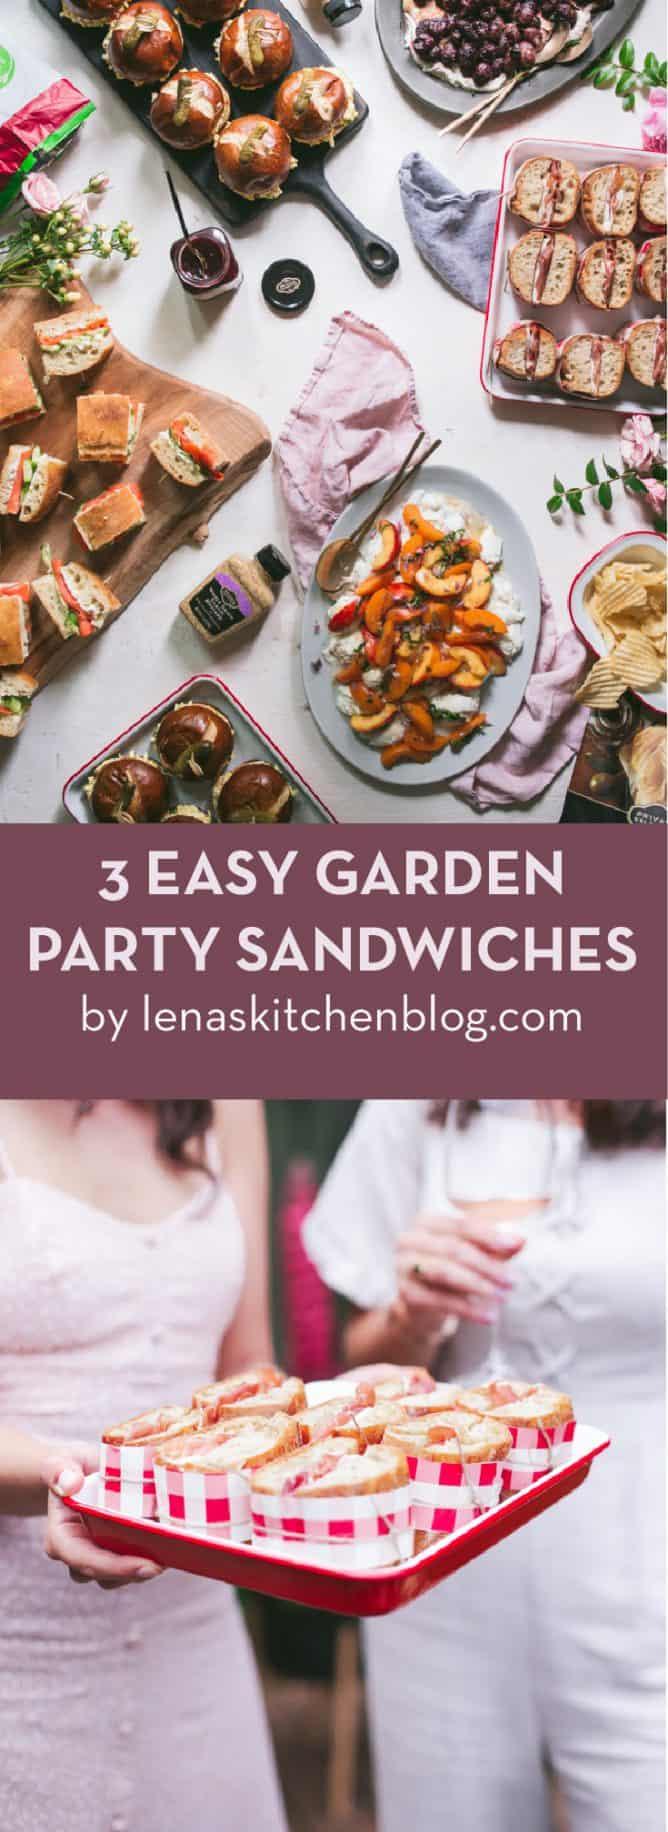 3 EASYGARDEN PARTY SANDWICHES